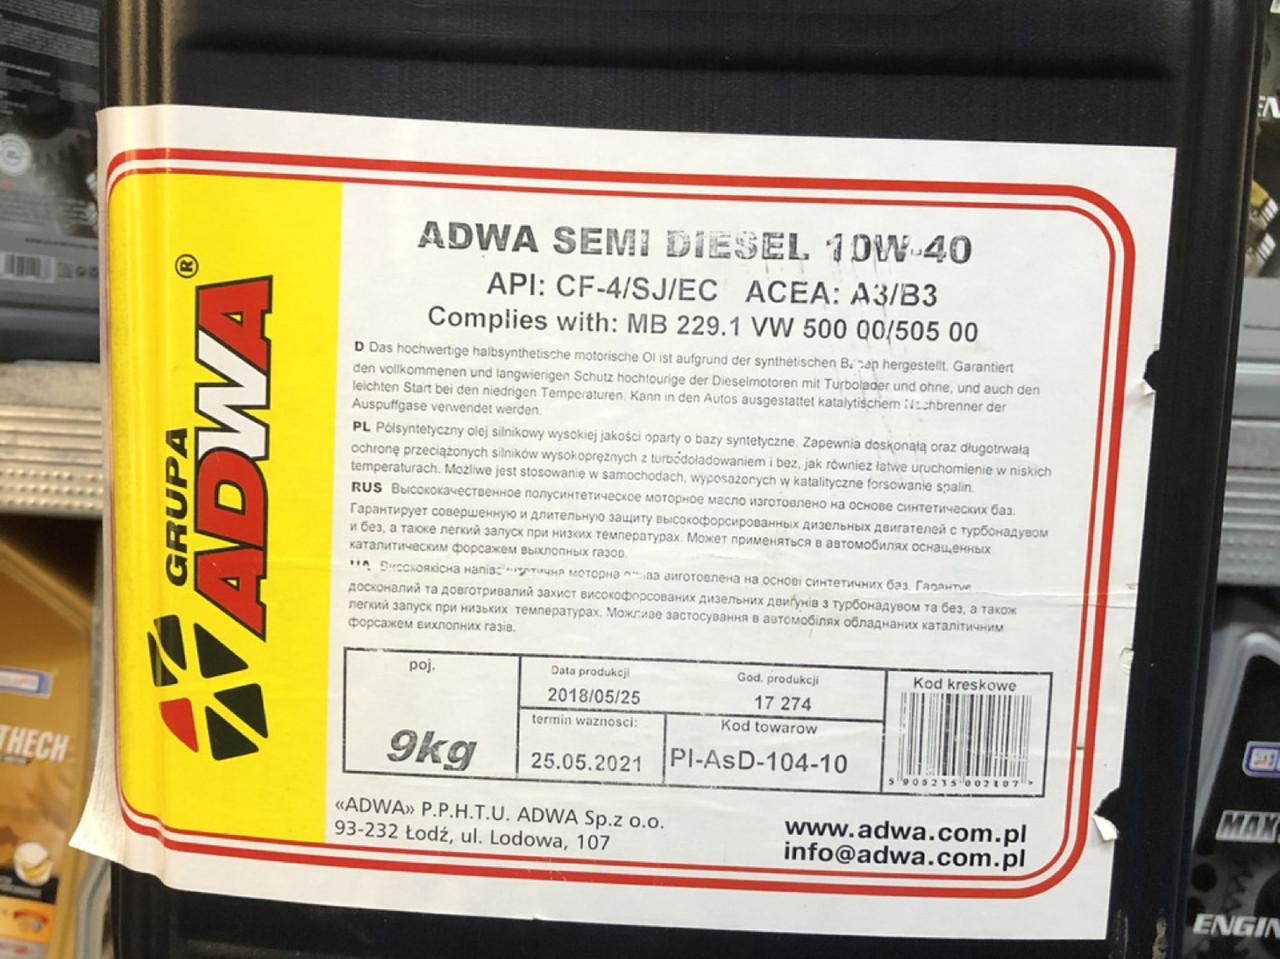 Полусинтетическое моторное масло Adwa Semi Diesel 10w-40 10L